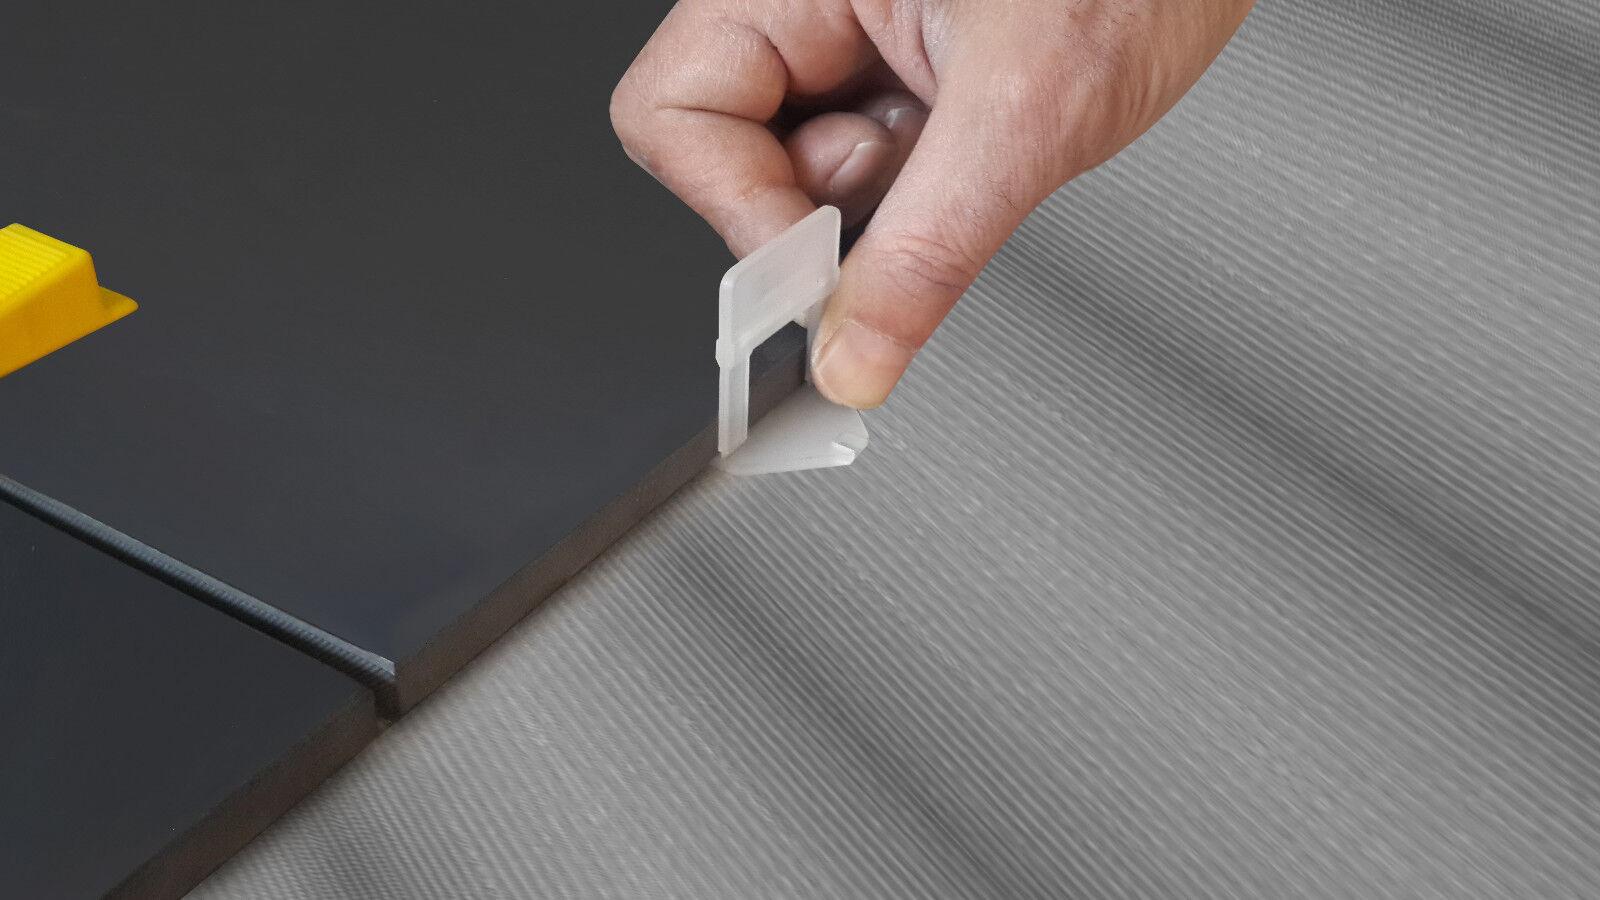 Balleo Fliesen Nivelliersystem Set 2000 Laschen - 500 Keile - Bodenzange Metall | Qualität Produkte  | Kaufen Sie online  | Sale Online